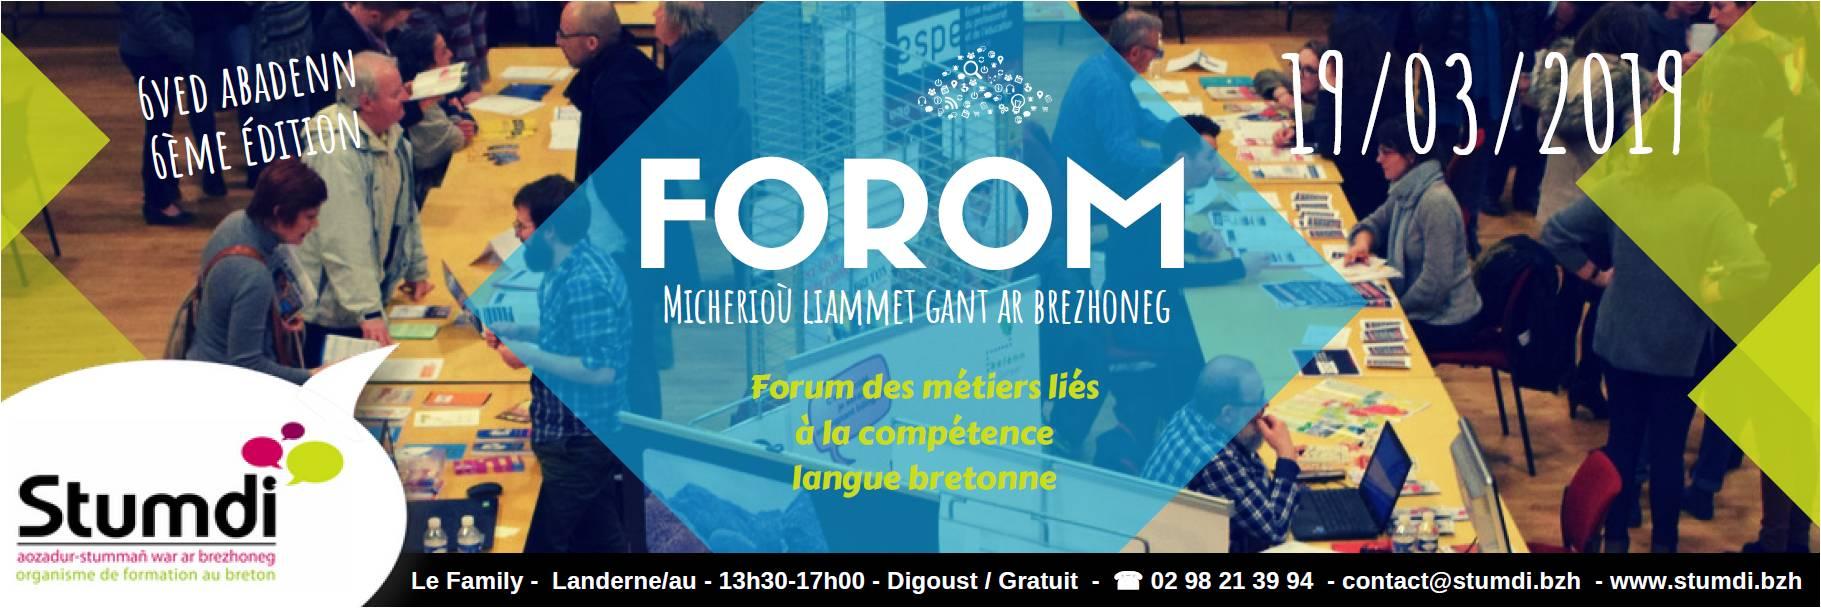 Forom - Centre de formation en langue bretonne Stumci